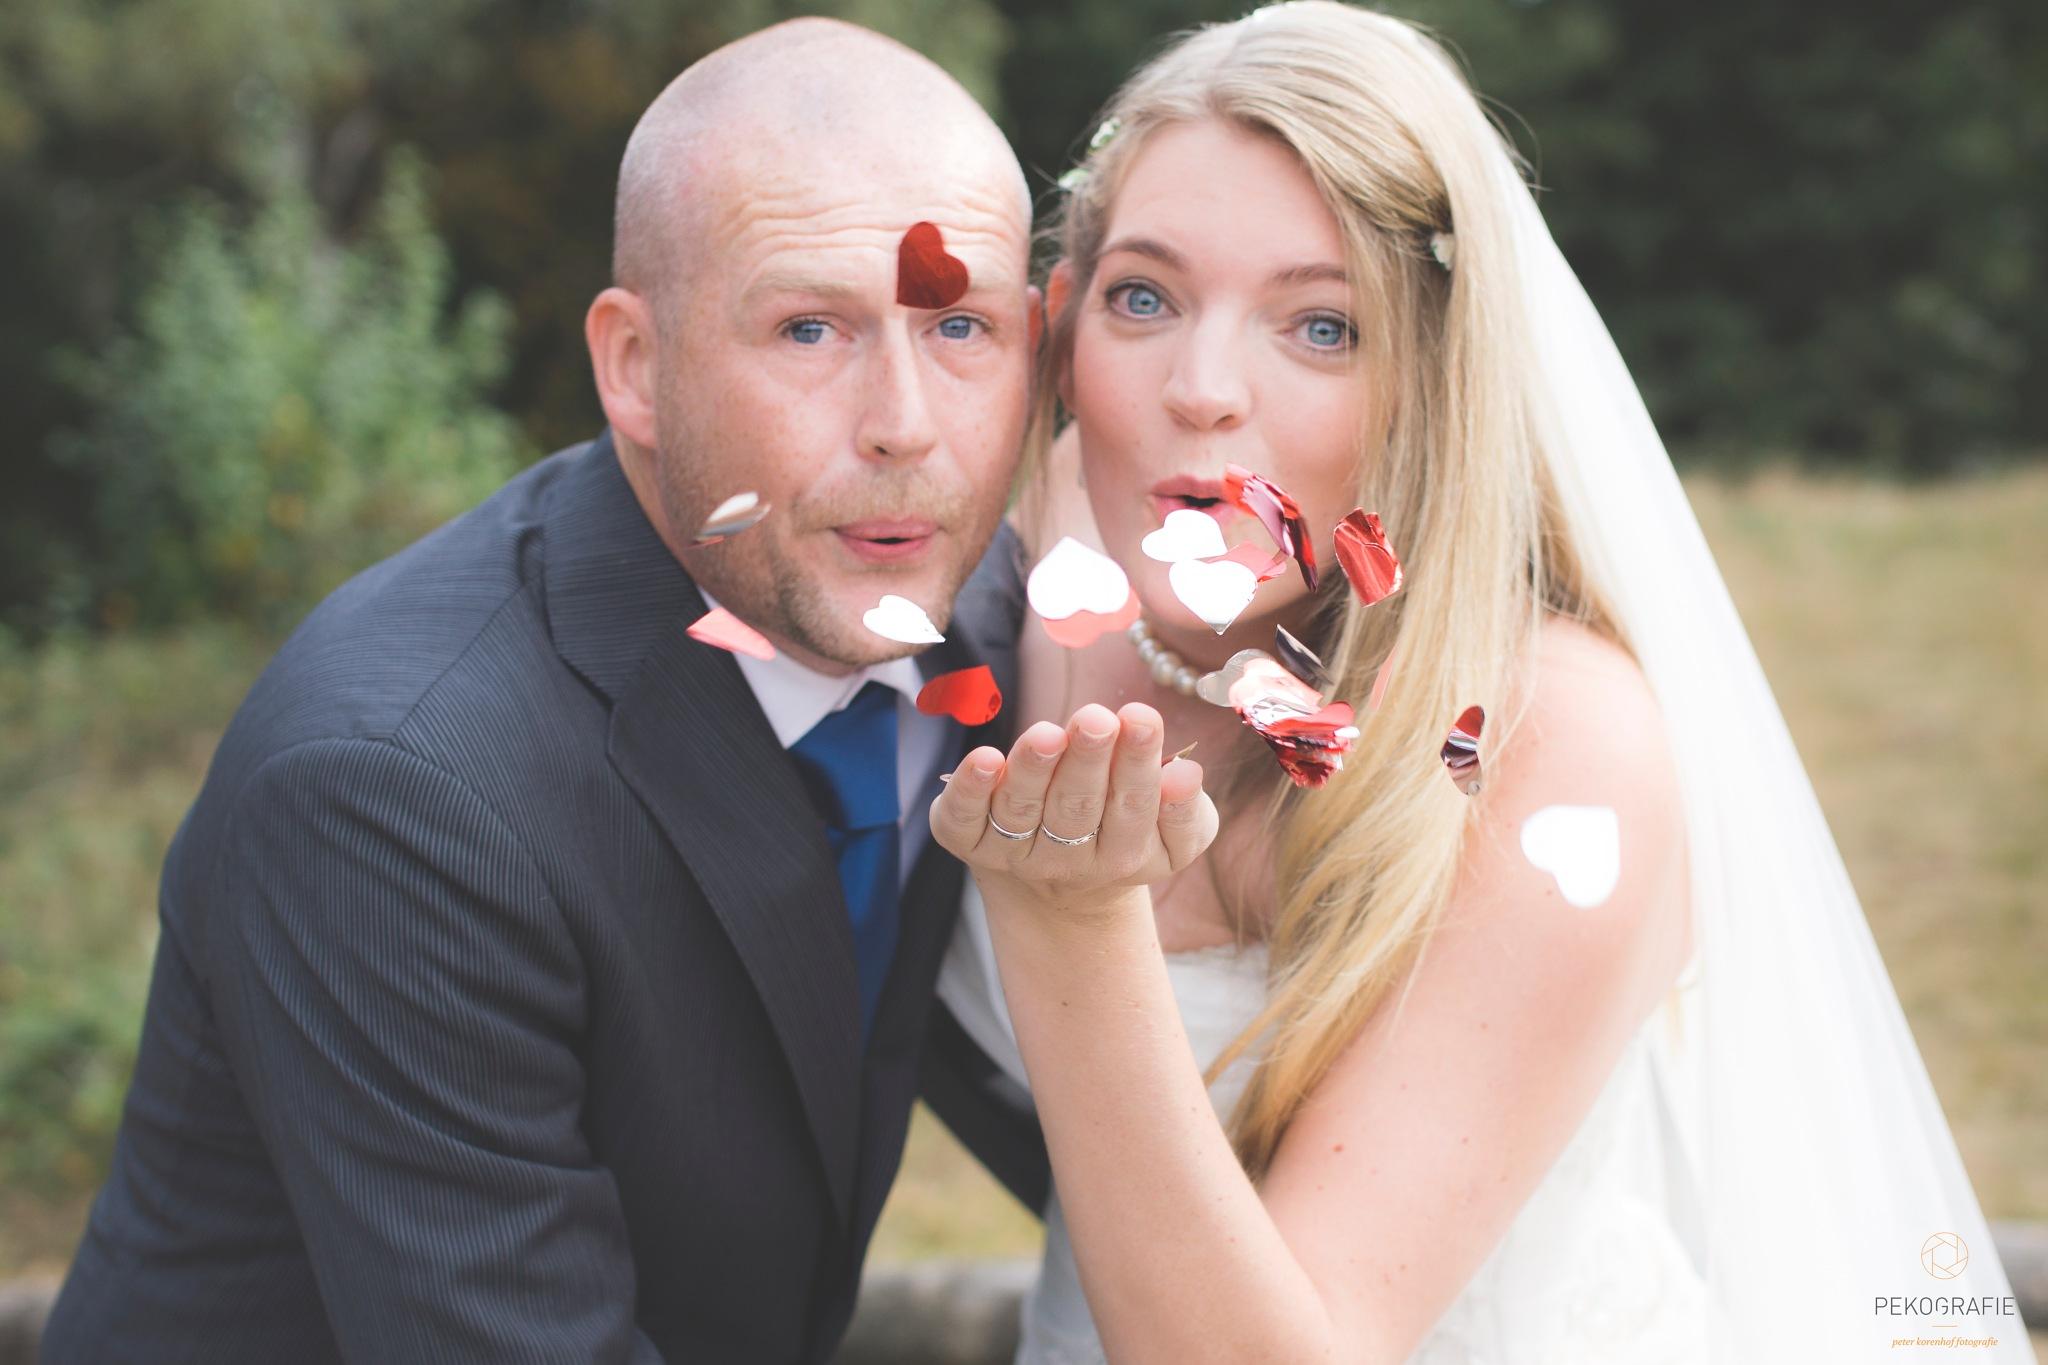 Love is in the Air by Pekografie.nl